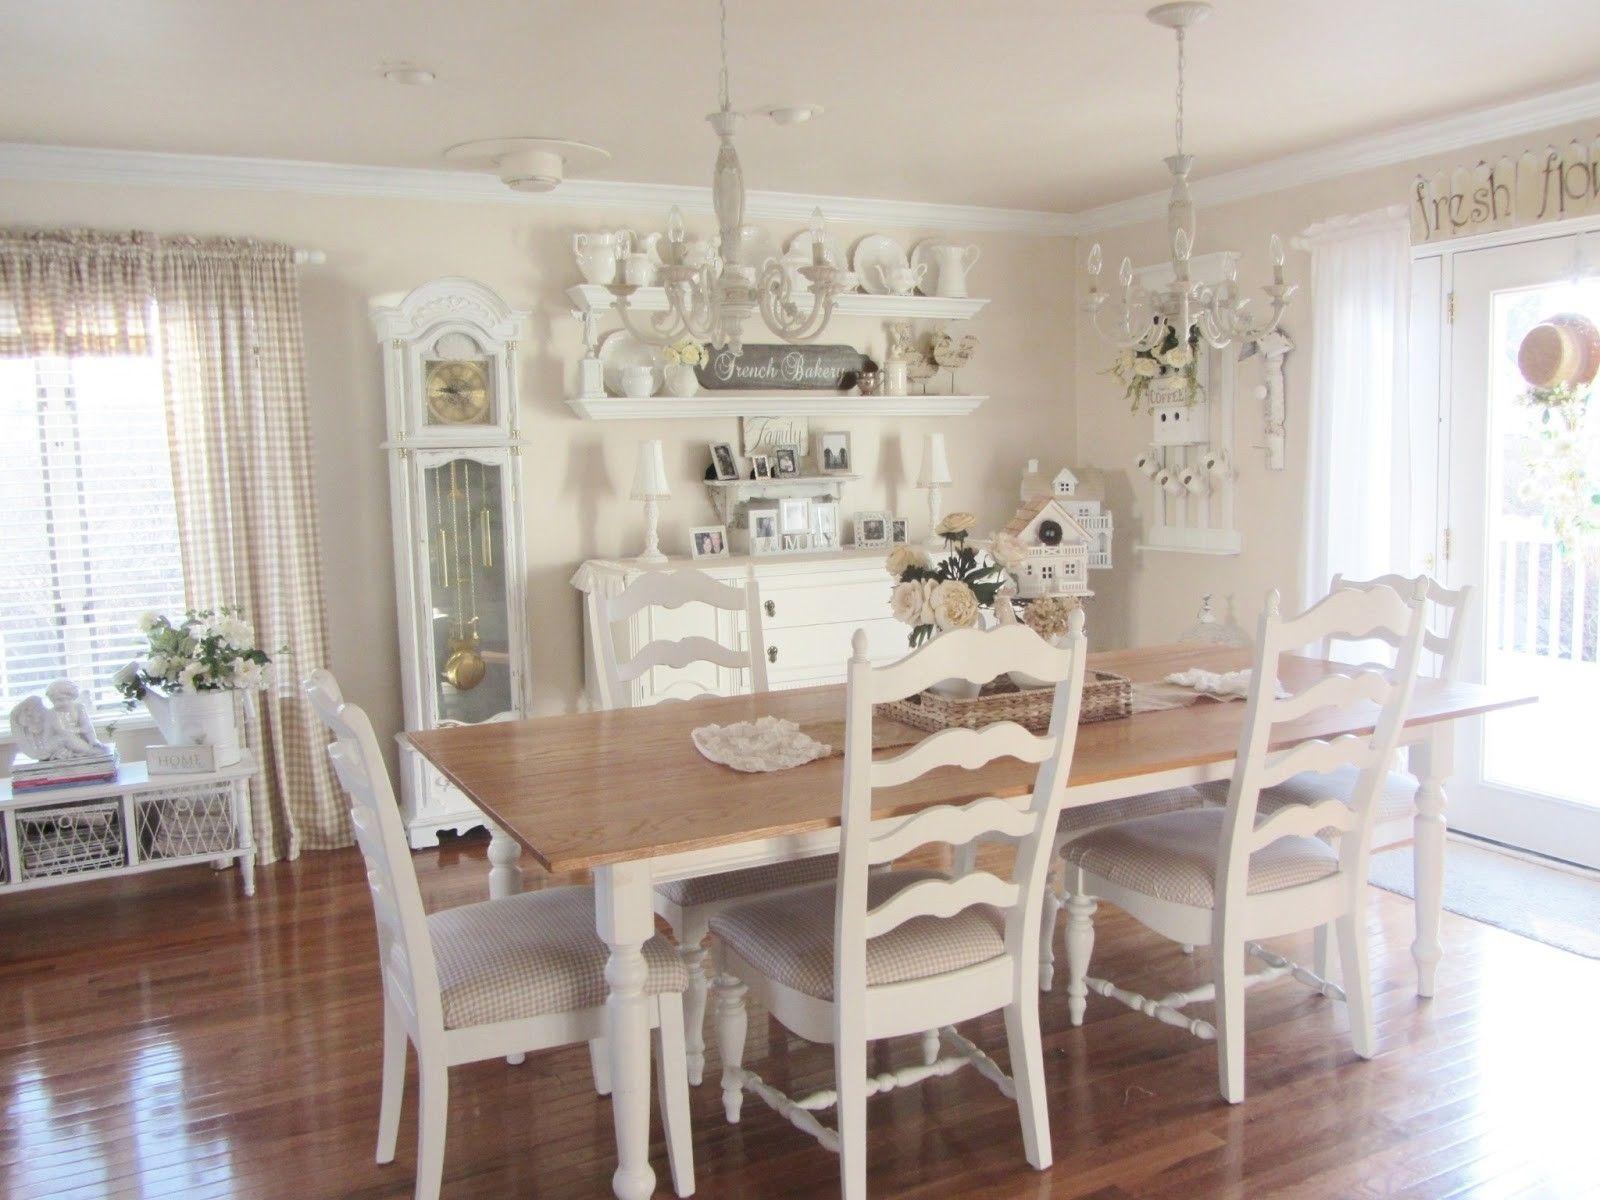 Elegant Schockierend Wohnzimmer Möbel, Rochester Ny Wohnzimmer Land Wohnzimmer  Ideen Sollten Wirklich Konzentrieren, Um Den